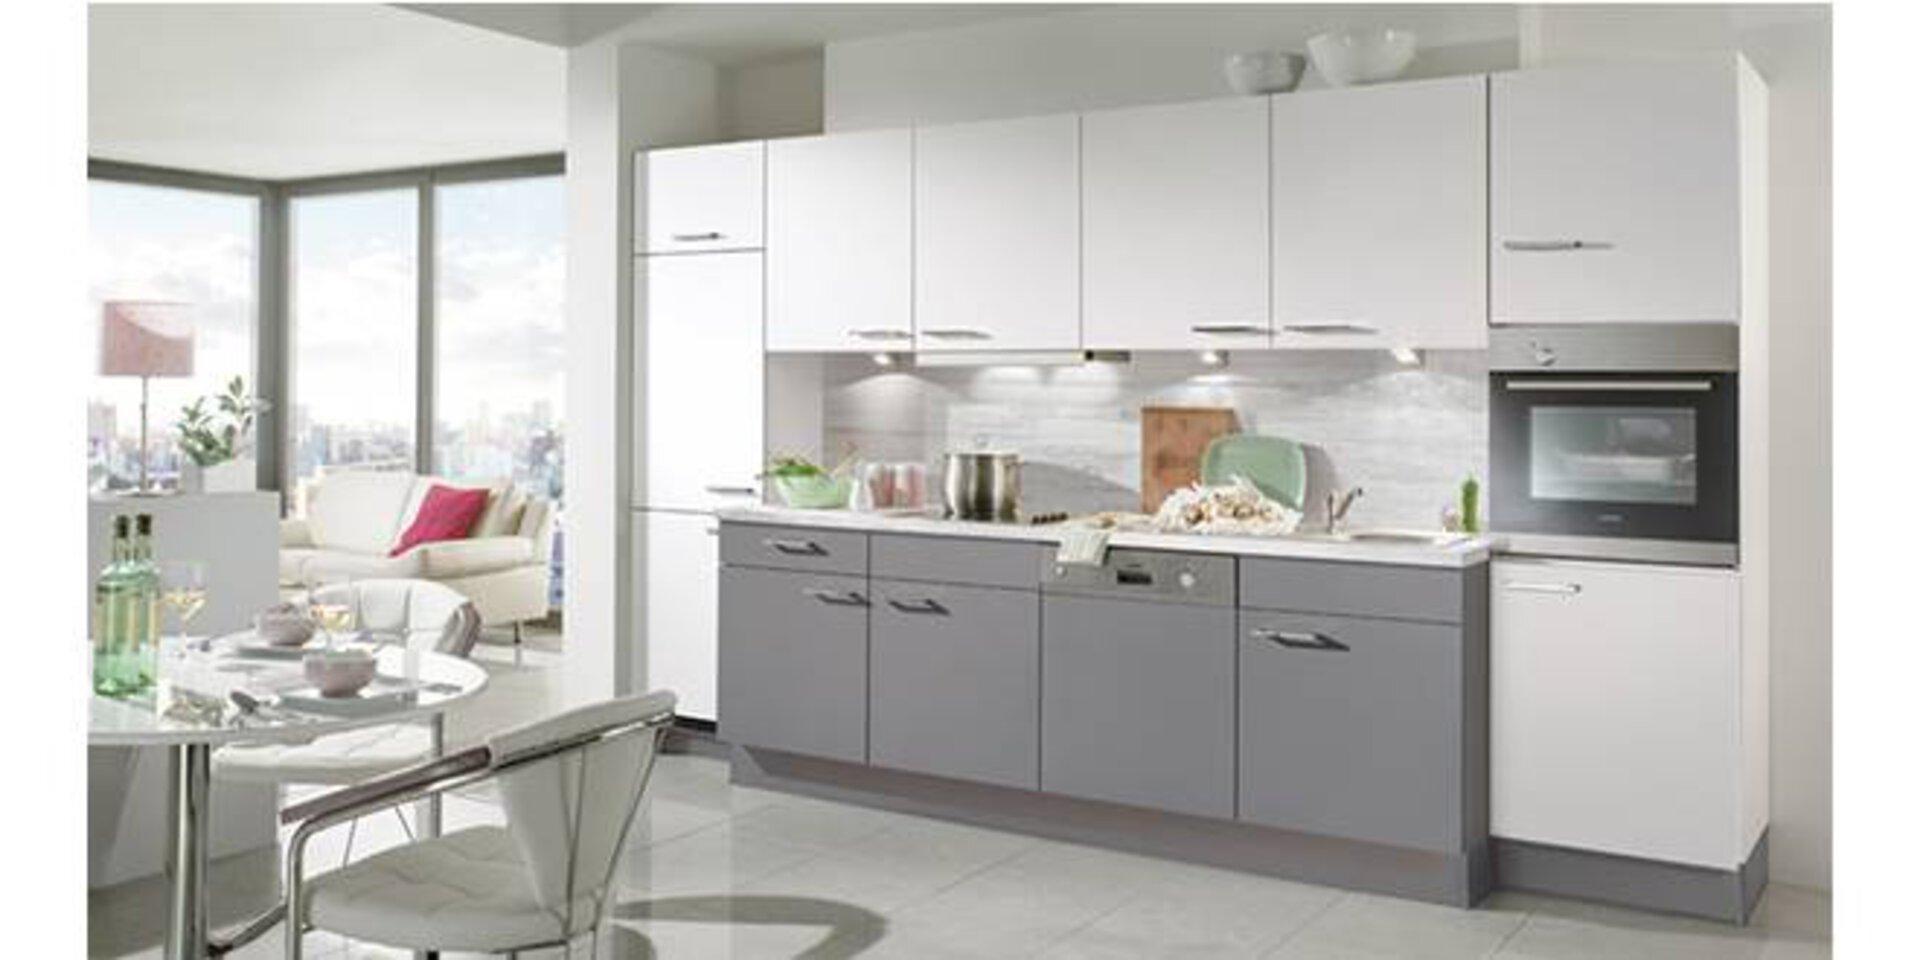 Lange Küchenzeile mit grauen Unterschränken und weißen Hängeschränken zeigt eine potentielle Planungsküche.